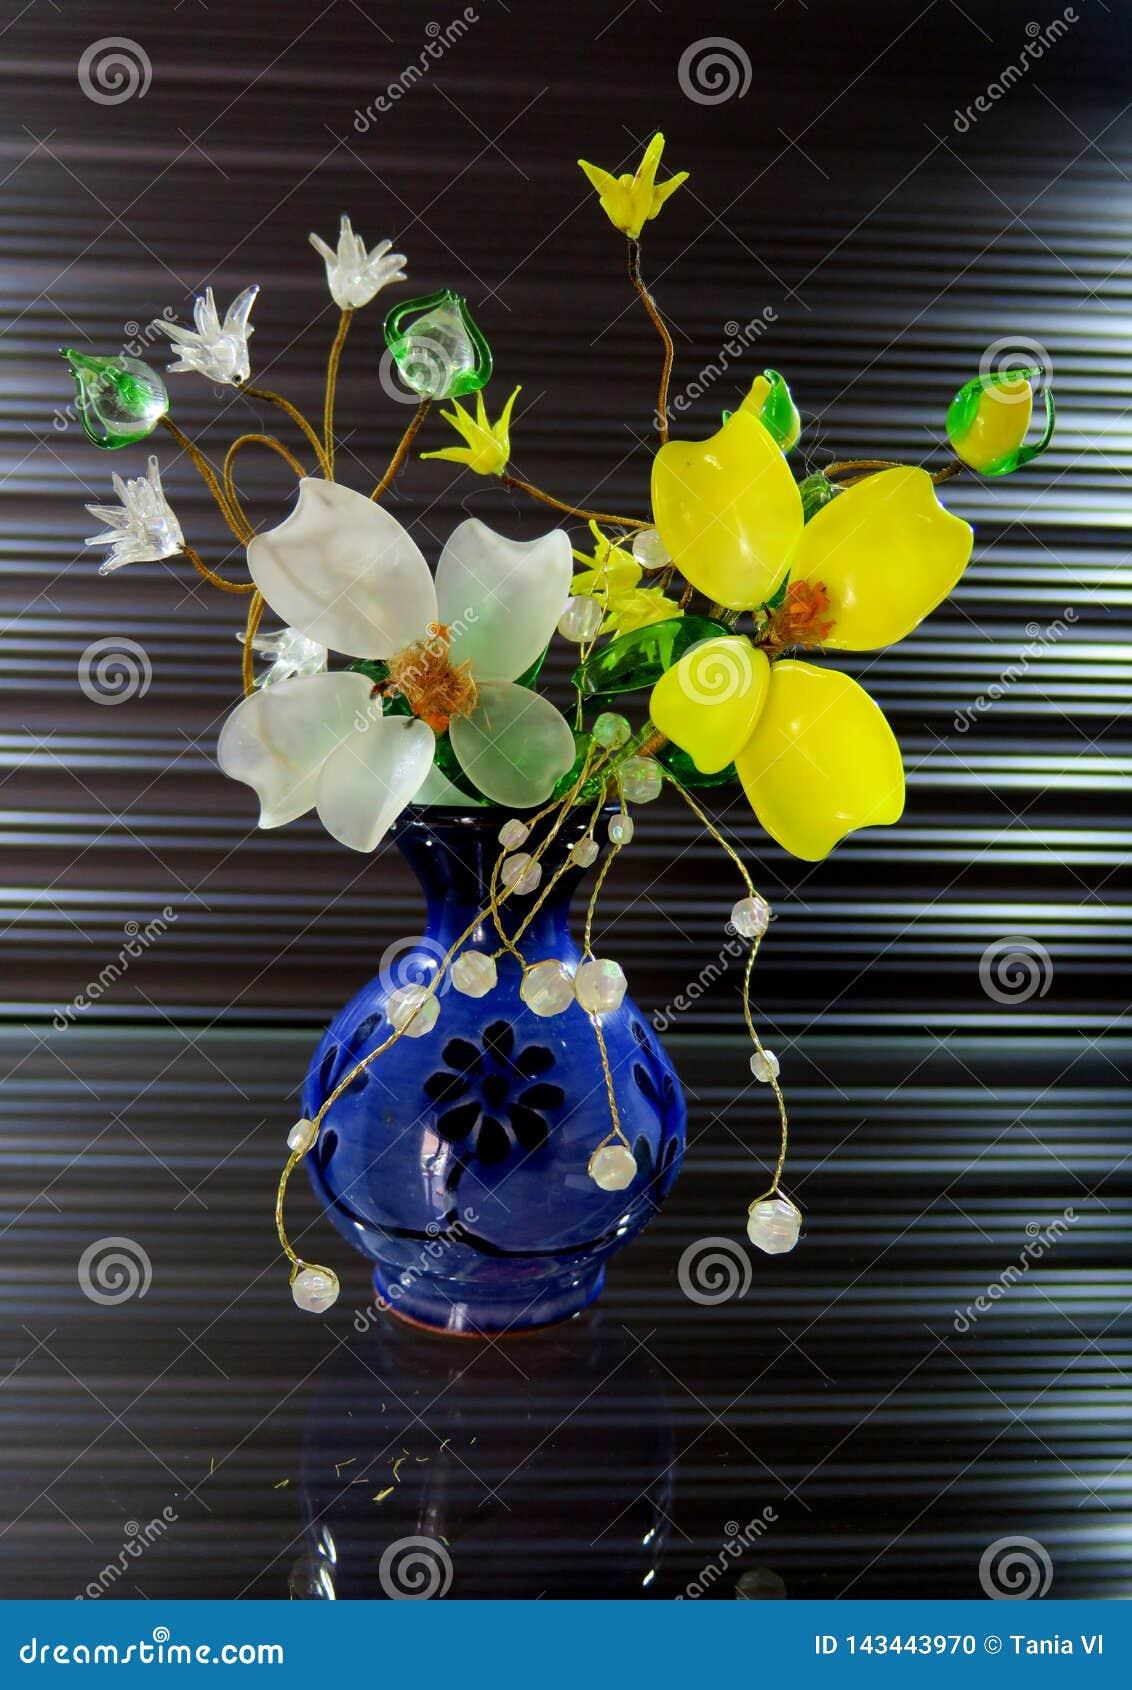 Όμορφη μικρή ανθοδέσμη των άσπρων και κίτρινων λουλουδιών